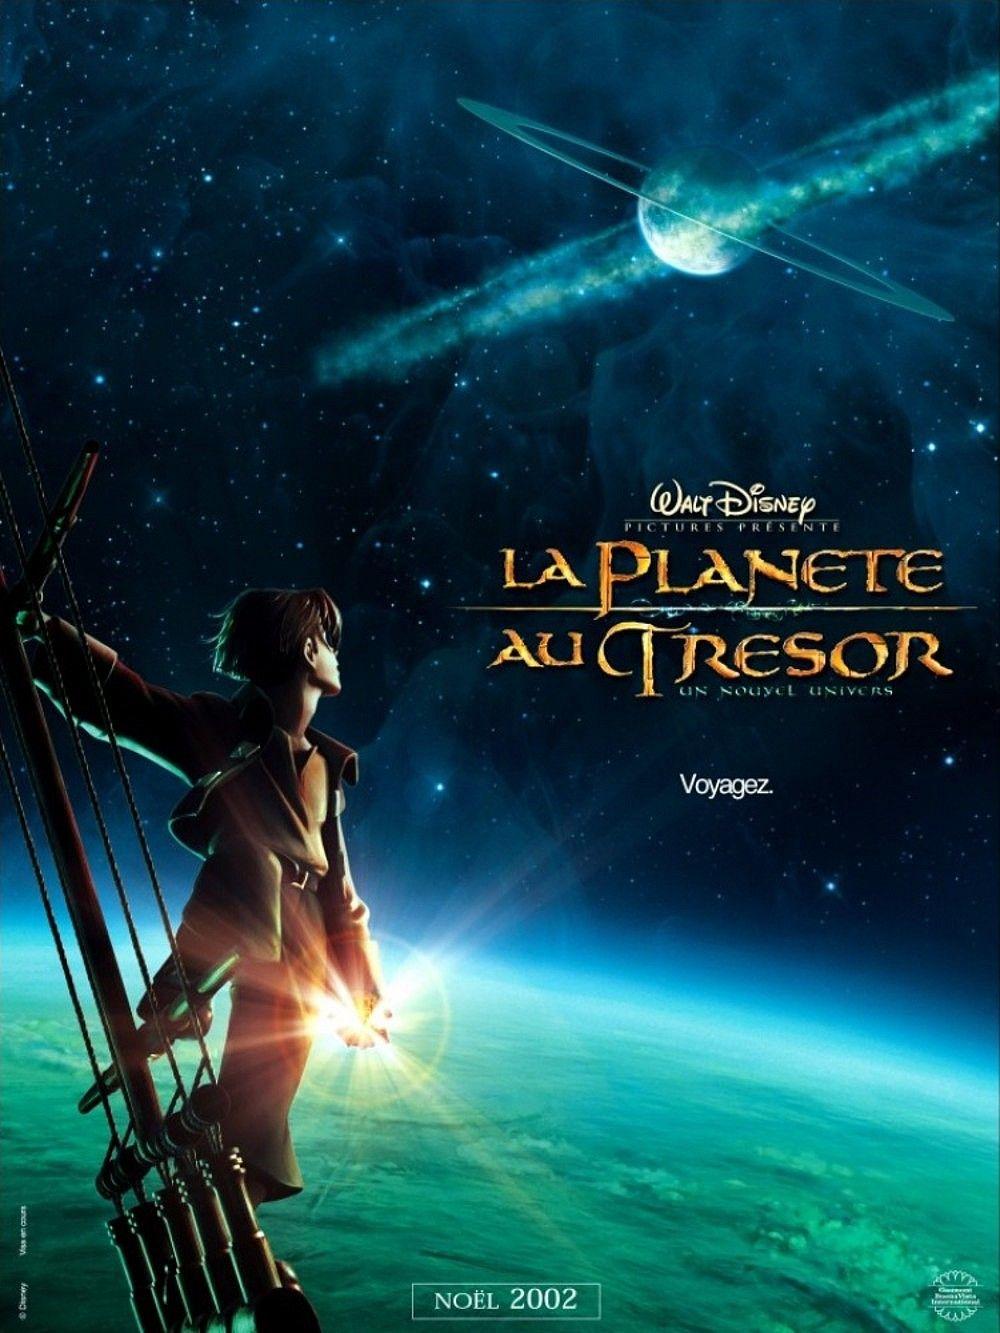 La Planete Au Tresor Un Nouvel Univers Long Metrage D Animation